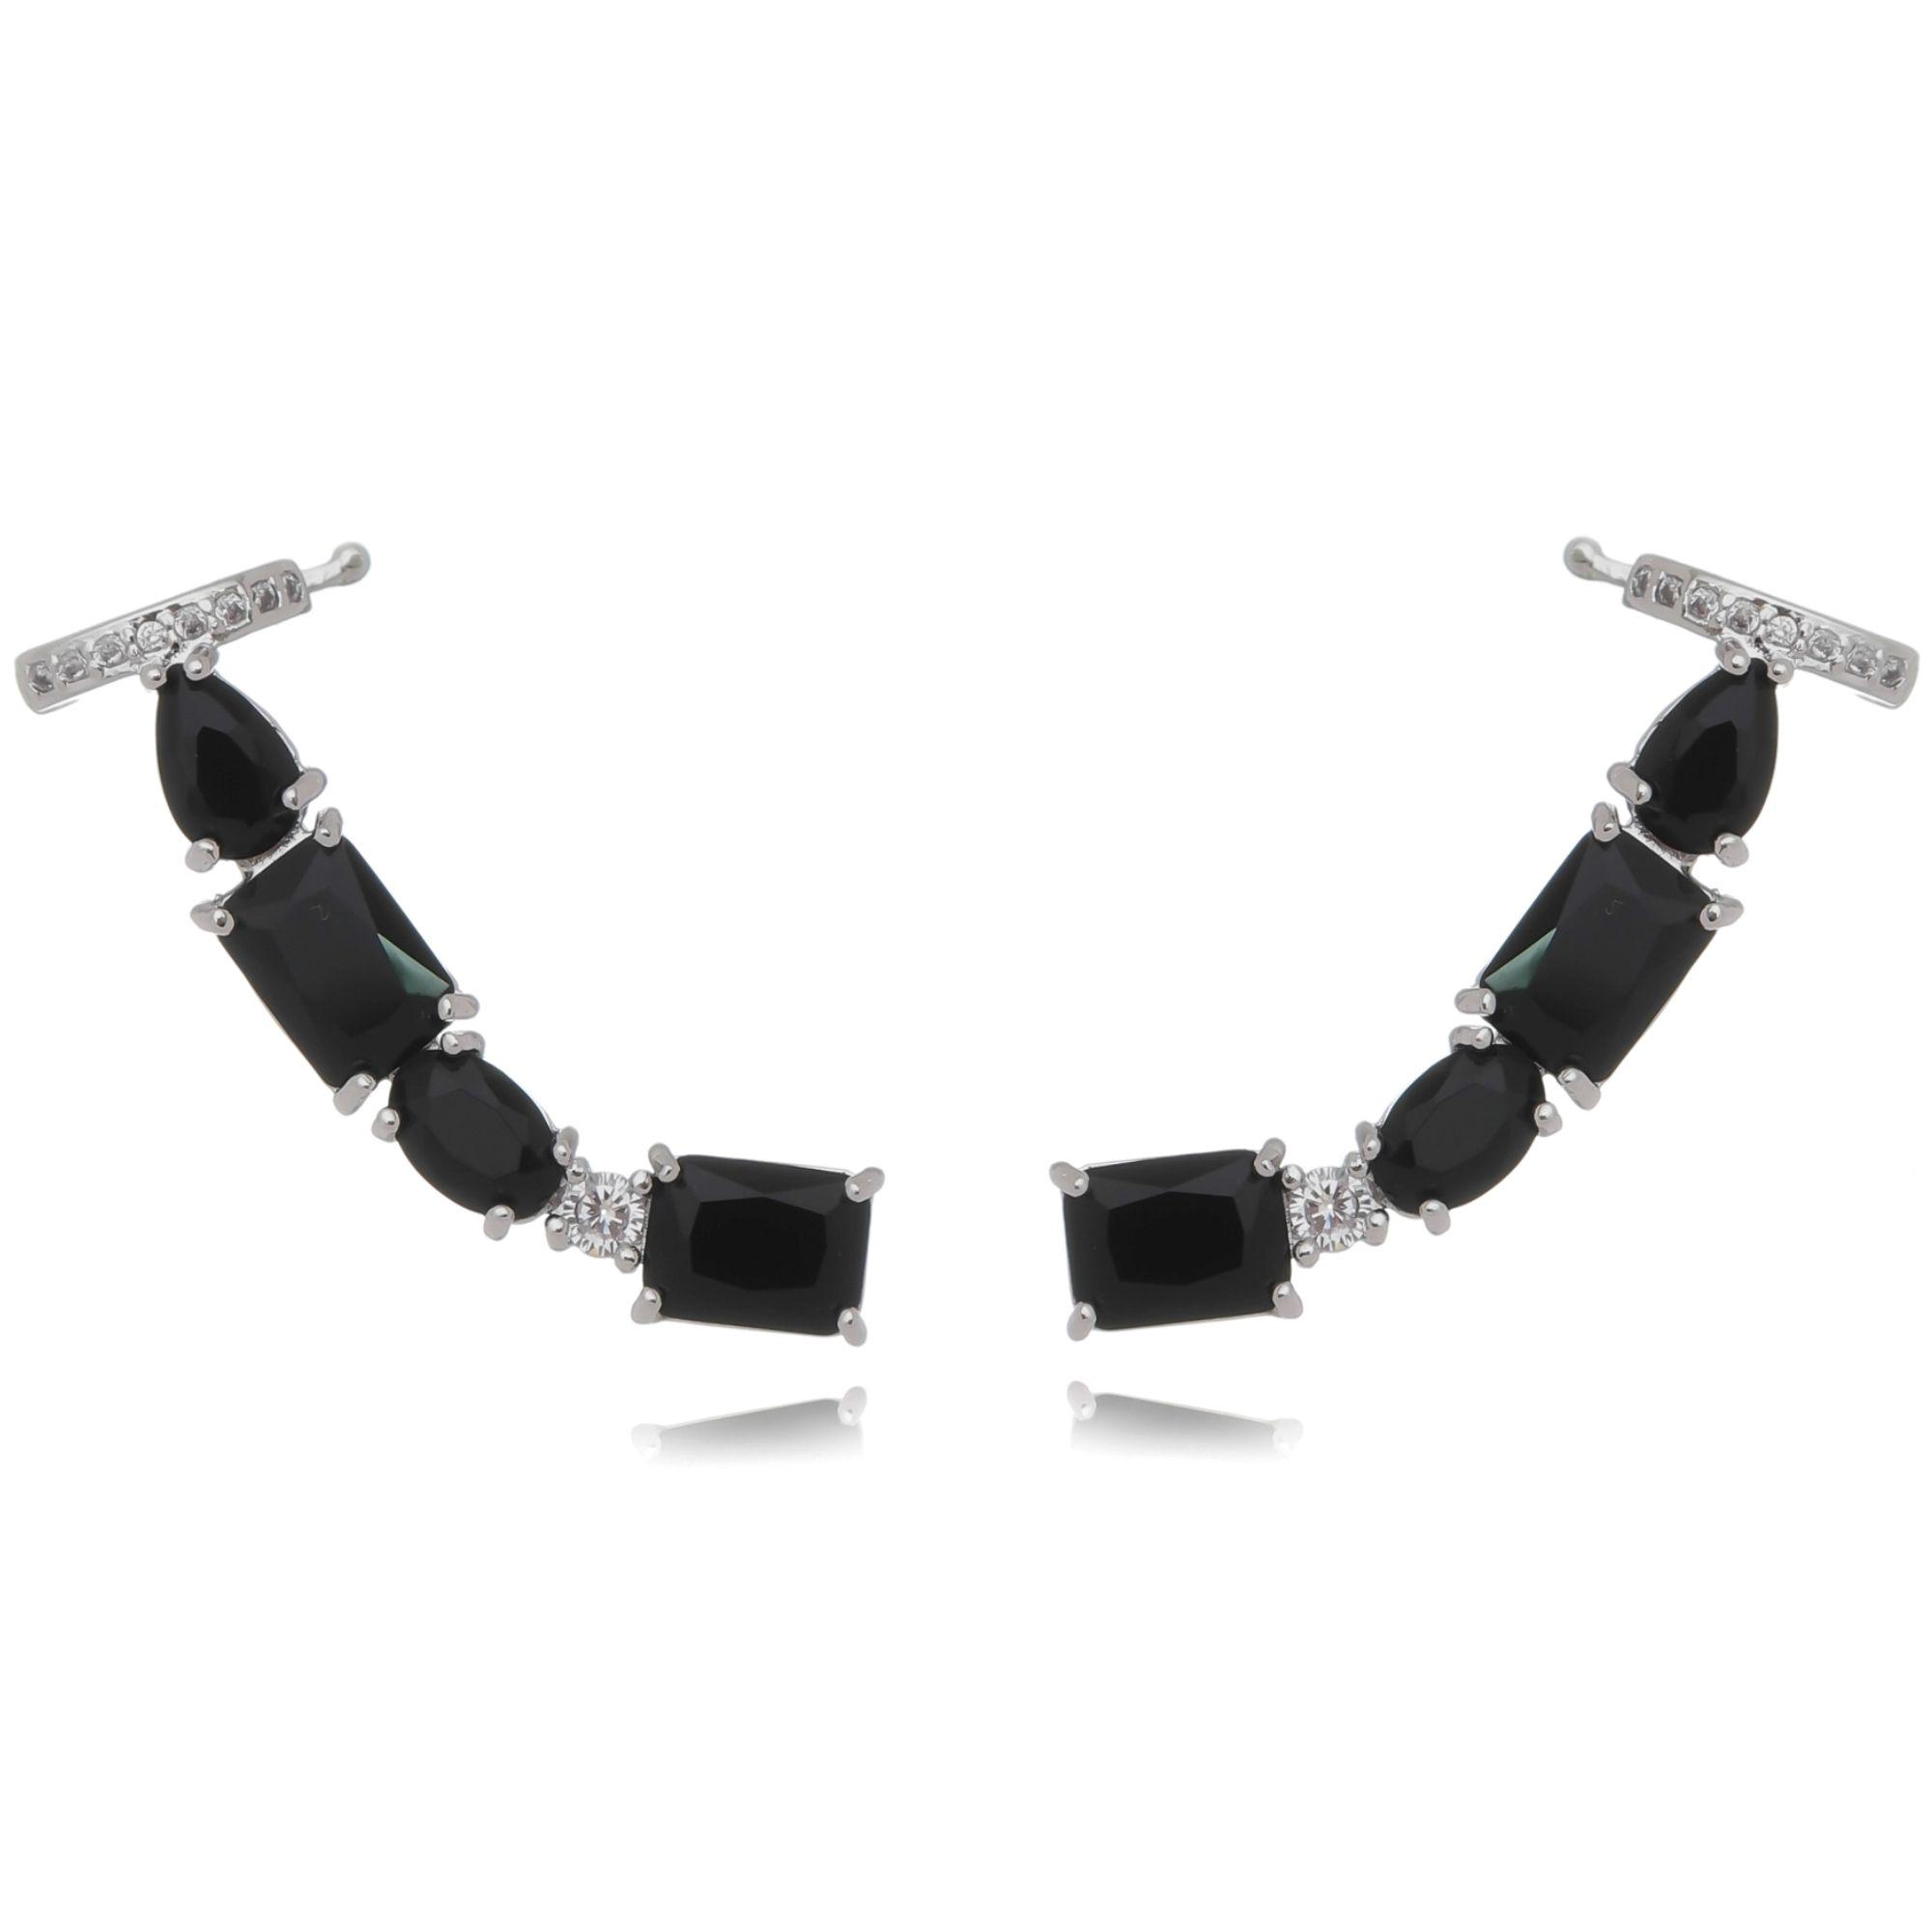 Ear Cuff Grande Preto com Piercing Semijoia da Moda Ródio Branco  - Soloyou